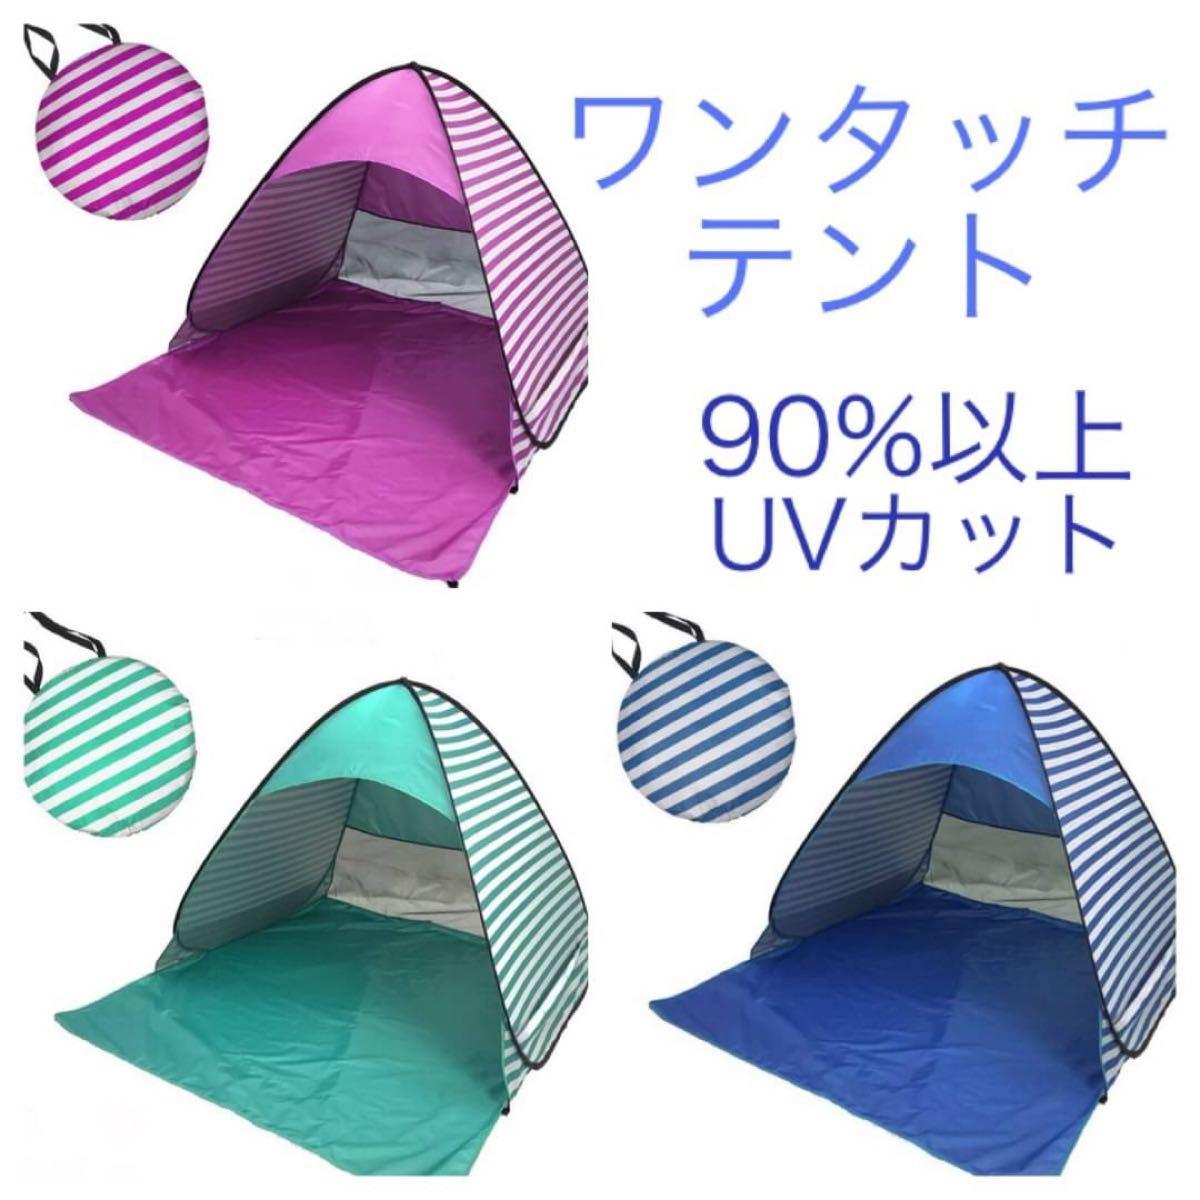 ワンタッチテント ポップアップテント UVカット 超軽量 (ピンク)